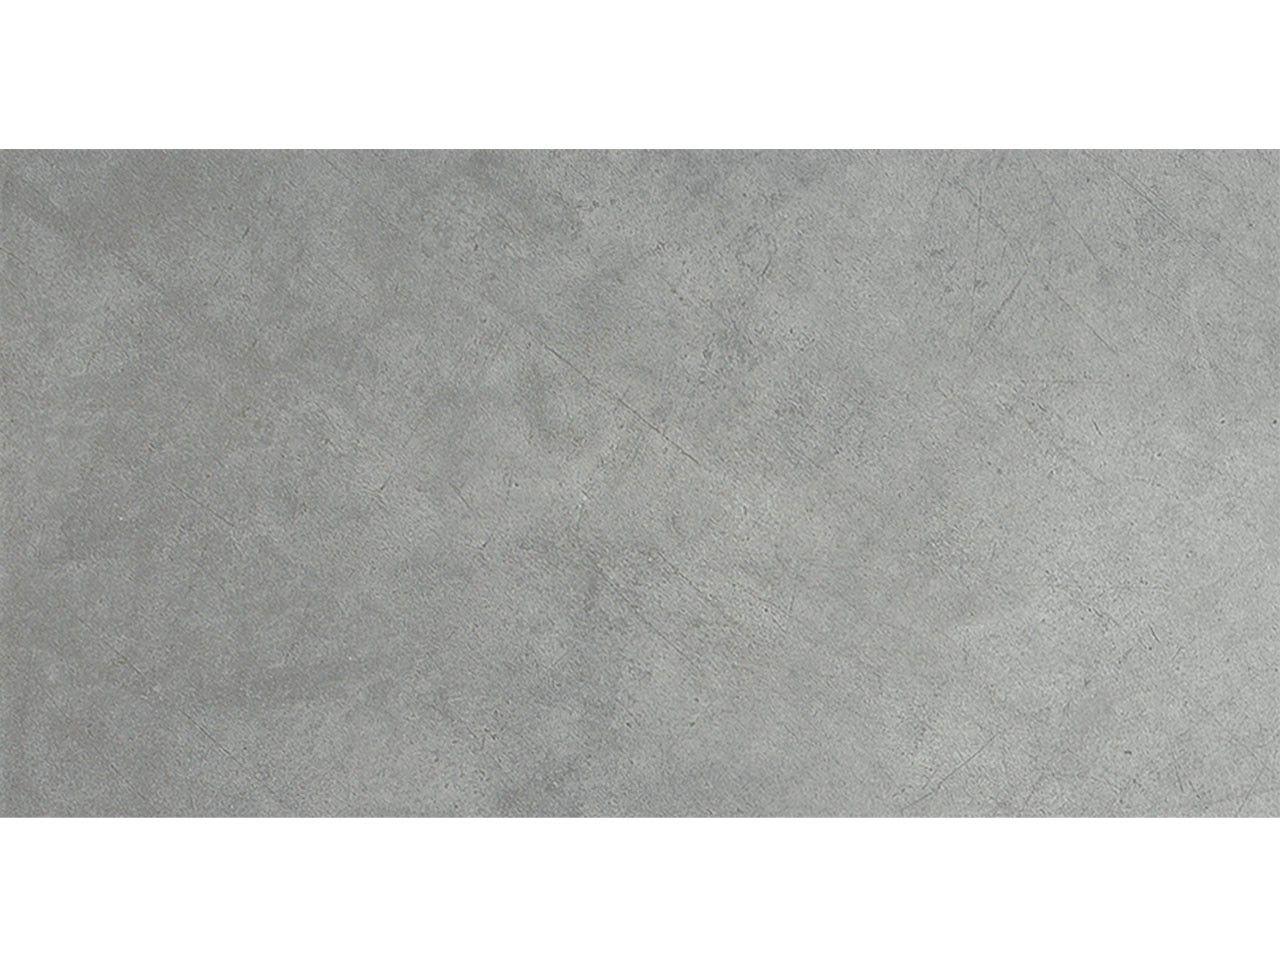 Gres porcellanato effetto cemento graffiato graffiti grigio